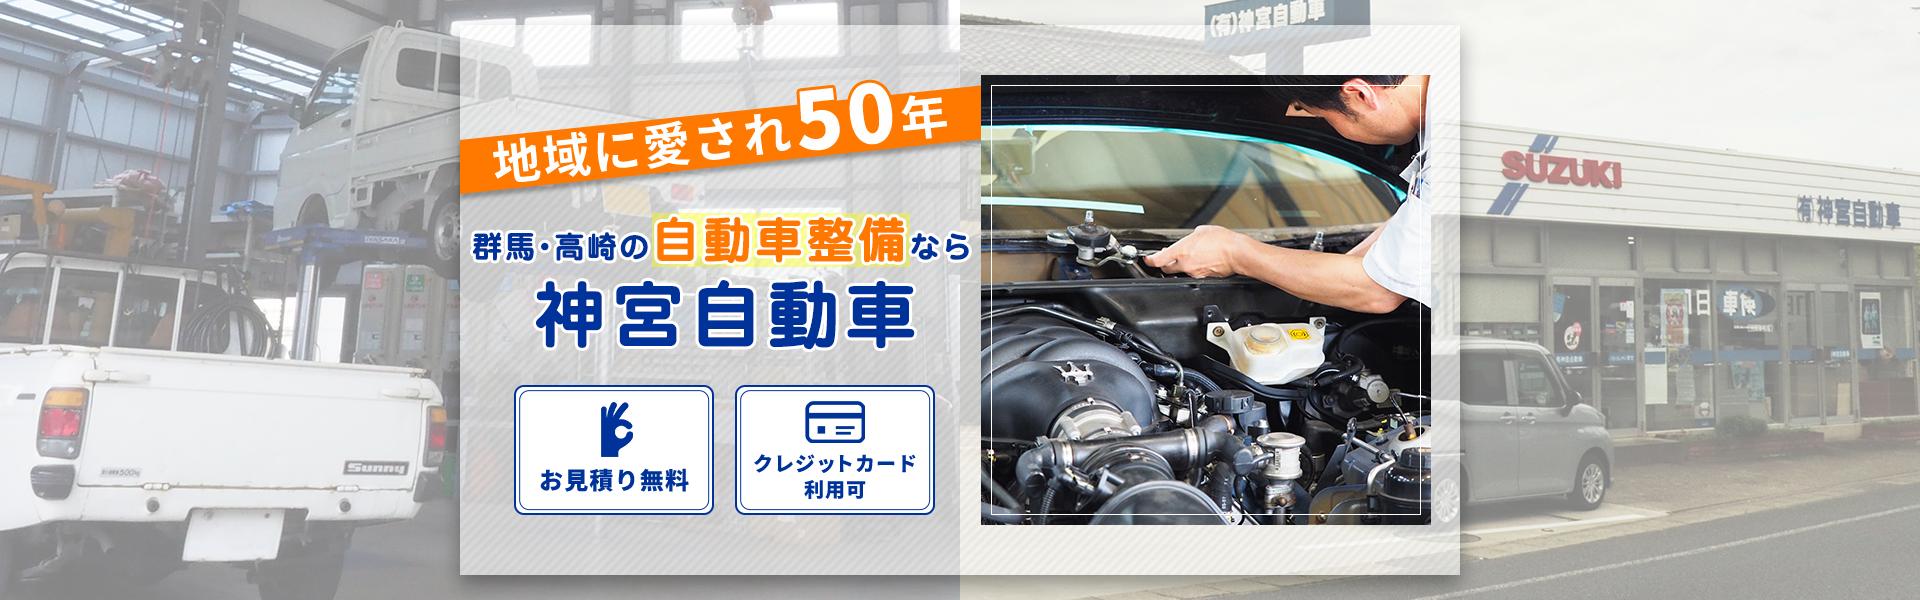 地域に愛され50年 群馬・高崎の自動車整備なら神宮自動車